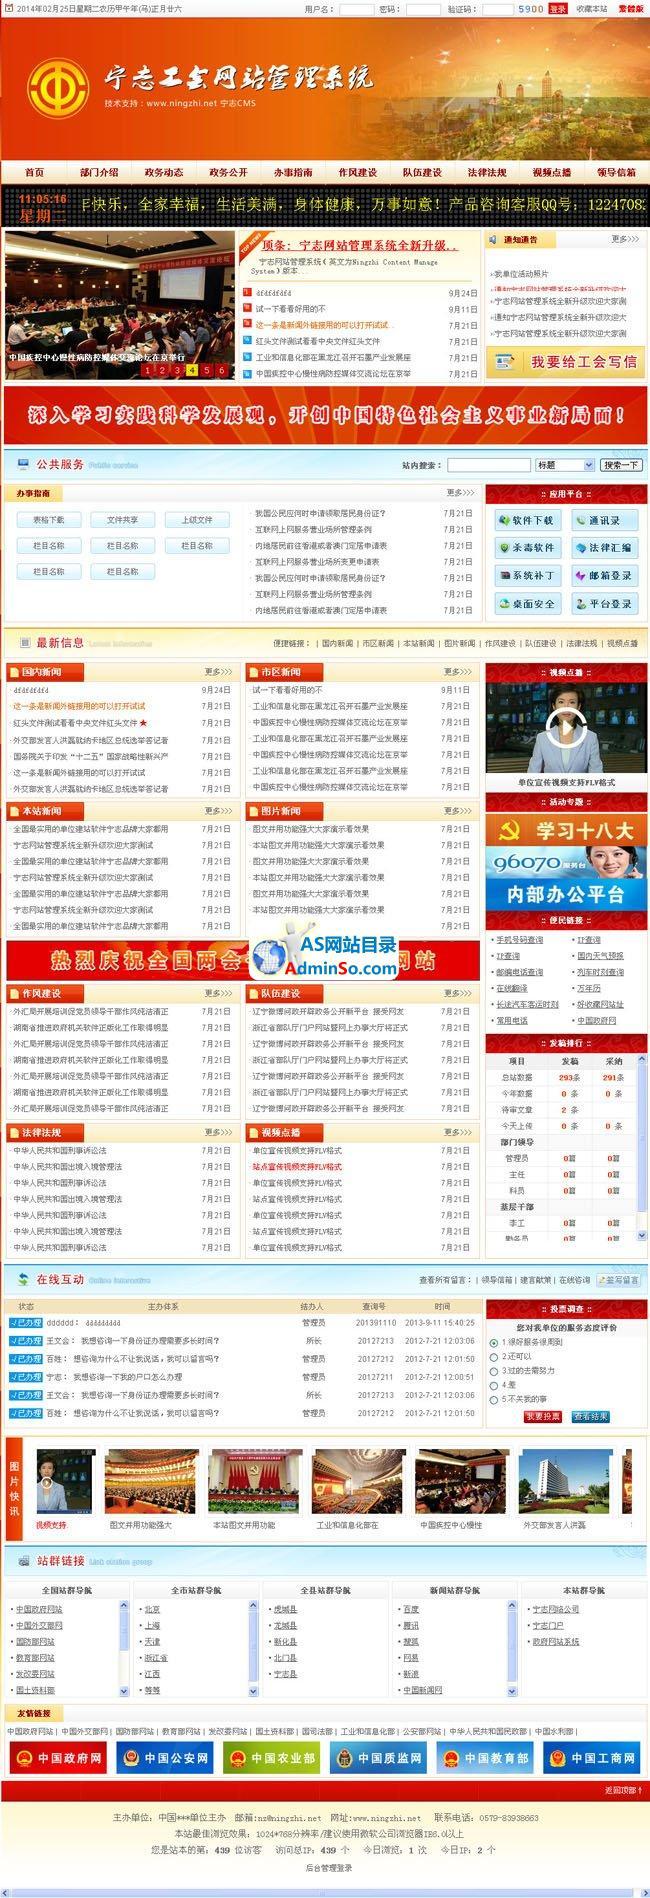 宁志工会网站管理系统